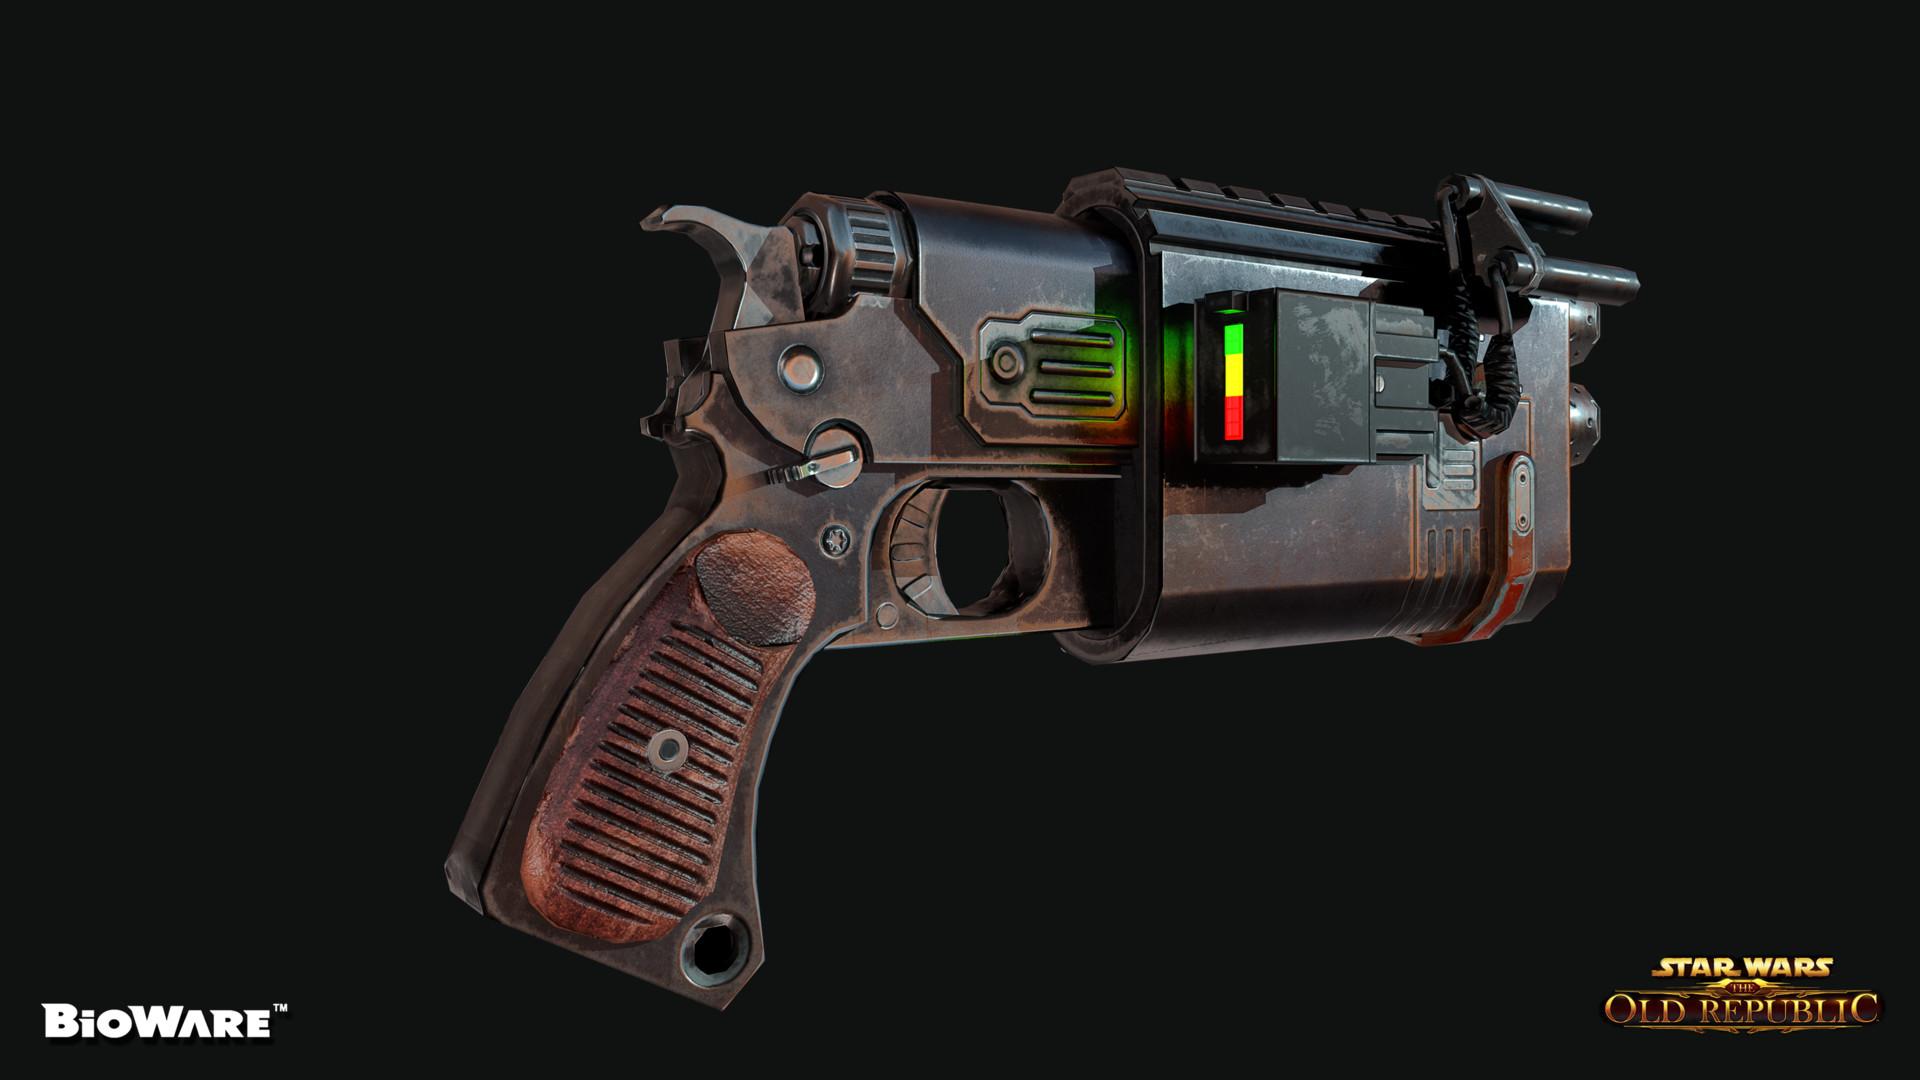 Markel milanes blaster mtx20 01